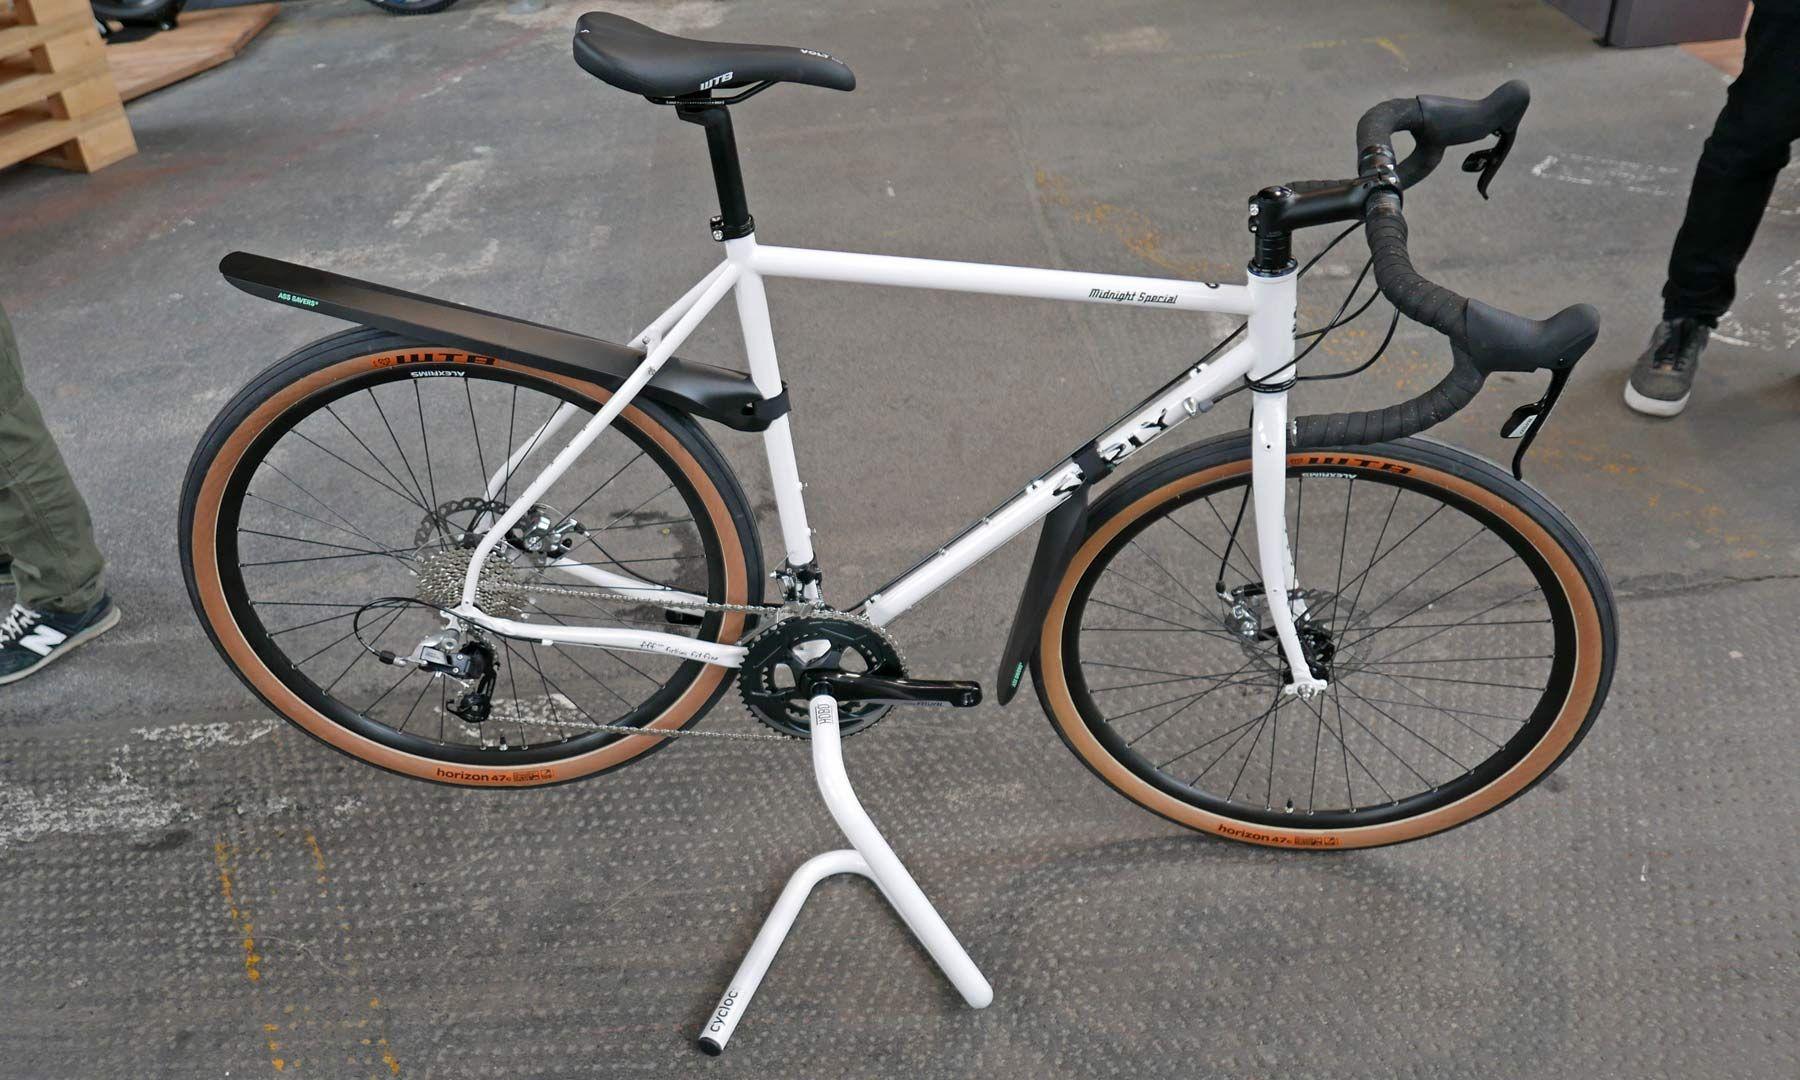 Cycloc Twists Up One Piece Hobo Bottom Bracket Bike Stand Bikerumor Bike Stand Bike Bottom Bracket